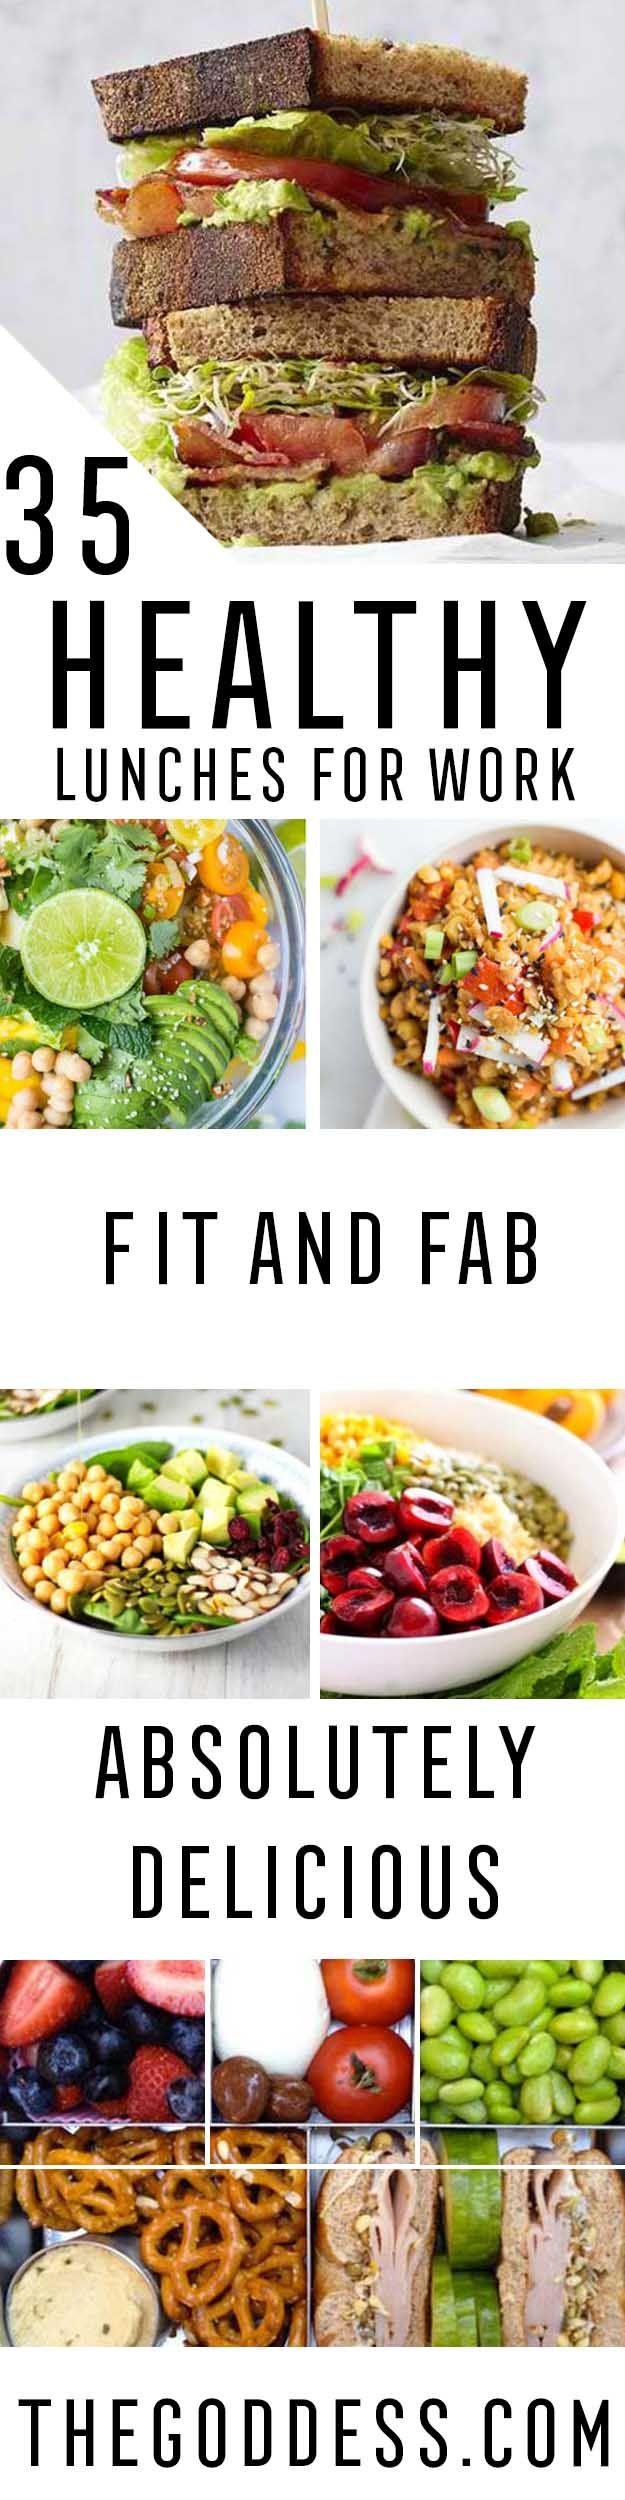 35 healthy lunches for work healthy eating pinterest essen gesundes essen und kaltes essen. Black Bedroom Furniture Sets. Home Design Ideas